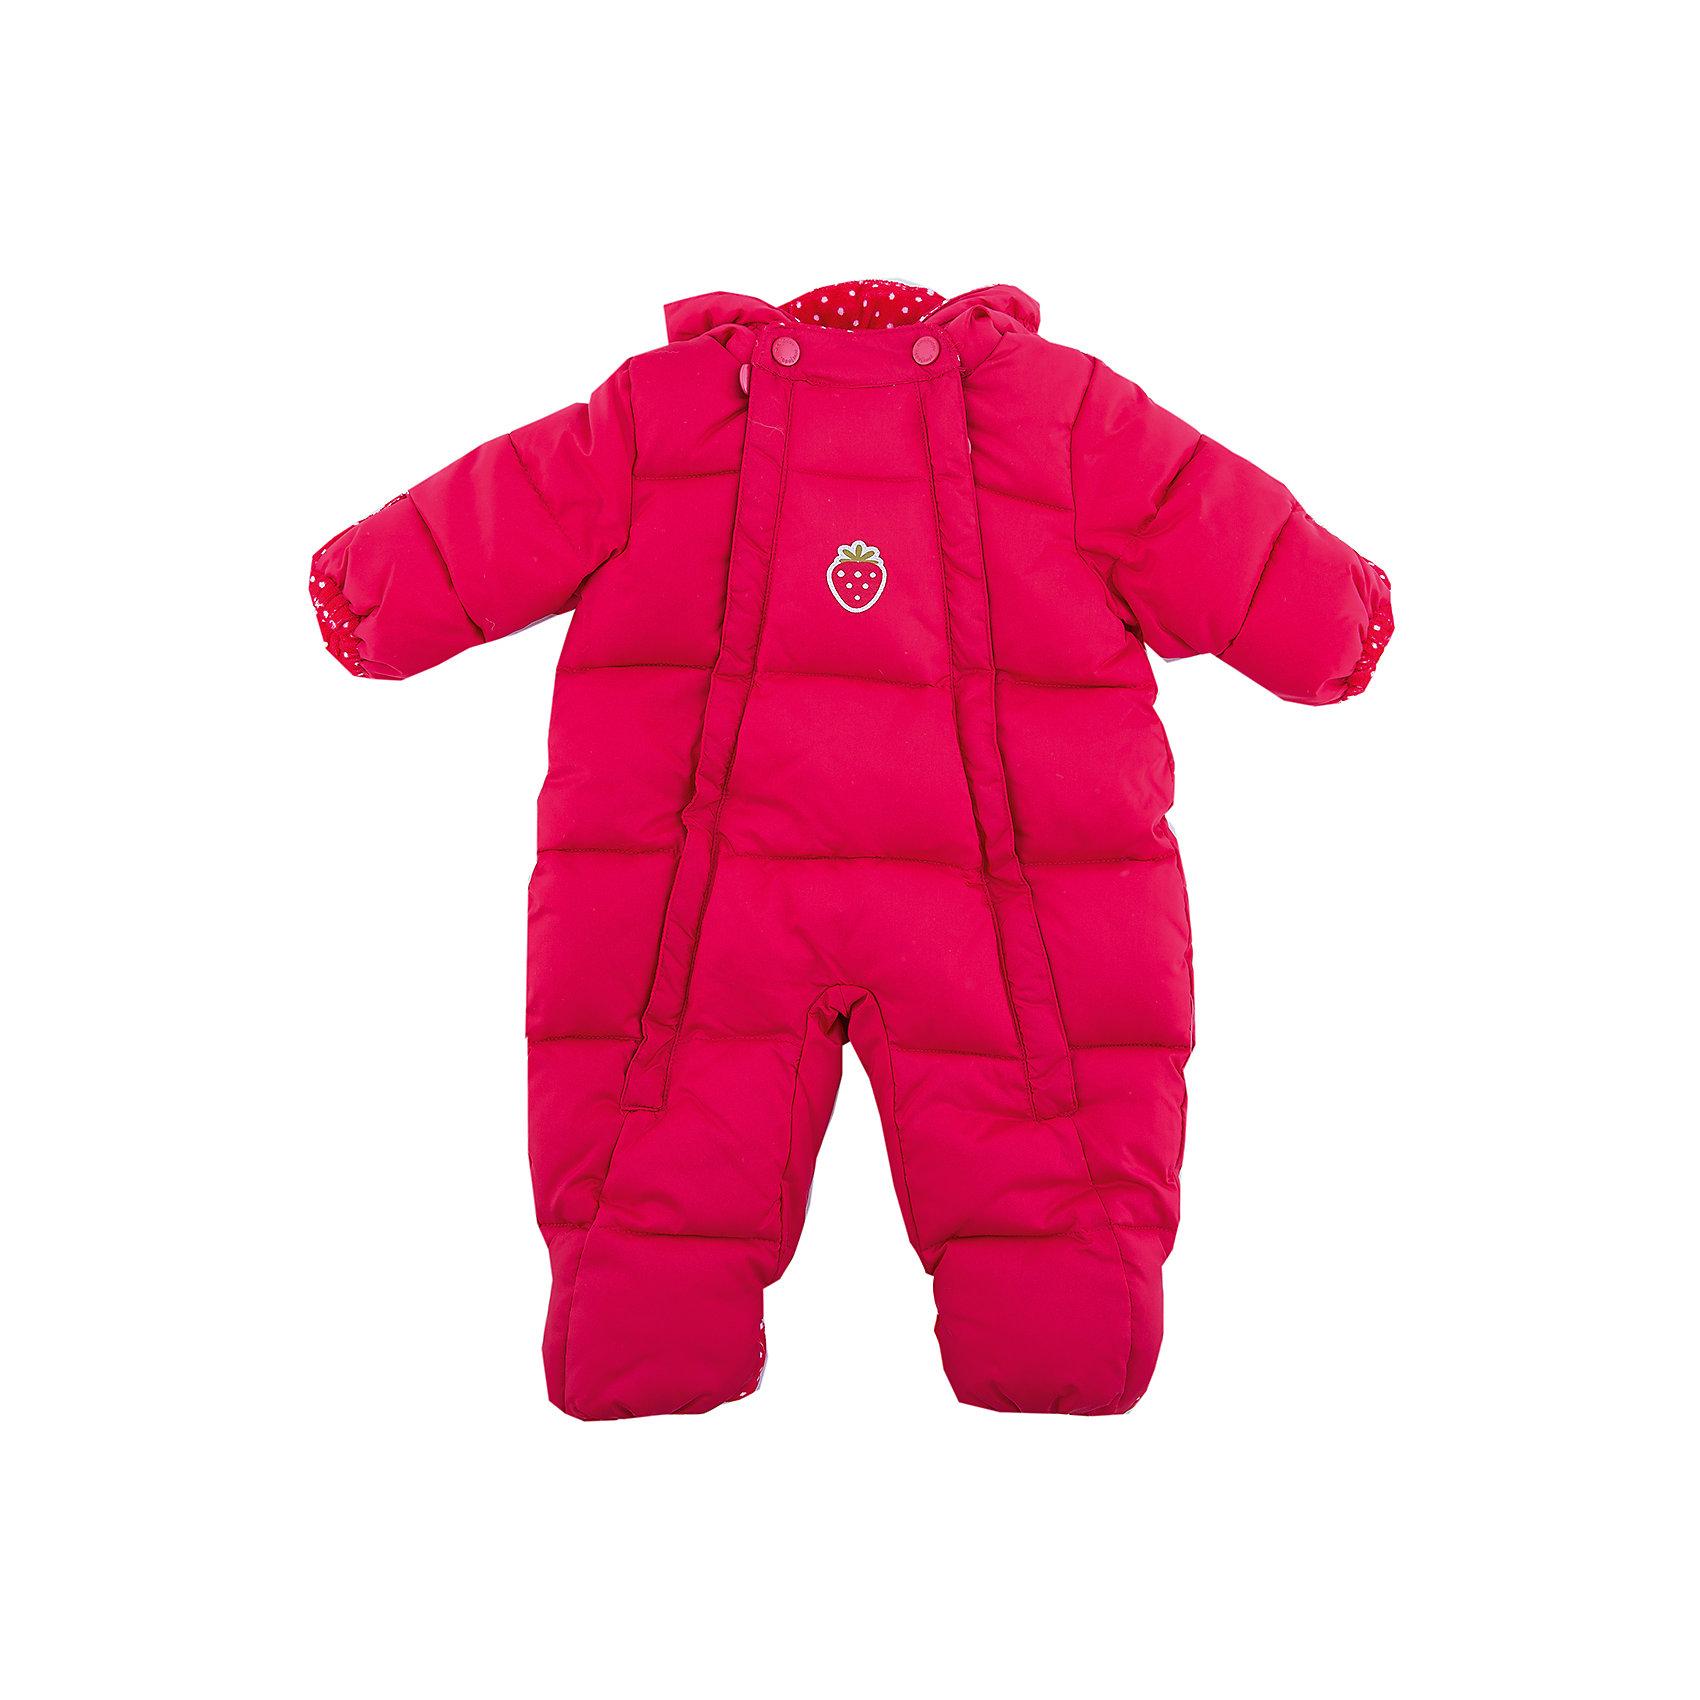 Комбинезон PlayToday для девочкиВерхняя одежда<br>Комбинезон PlayToday для девочки<br>Теплый комбинезониз из водонепроницаемой ткани. Подкладка модели из натурального велюра. Модель застегивается на две молнии. Манжеты и низ штанин дополнены специальными карманами, с помощью которым, при необходимости можно закрыть и руки, и ноги ребенка. По контуру встрочного капюшона расположен регулируемый шнур- кулиска. В качестве декора использована небольшая аппликация.<br>Состав:<br>Верх: 100% полиэстер, подкладка: 80% хлопок, 20% полиэстер, Утеплитель 100% полиэстер, 300 г/м2<br><br>Ширина мм: 157<br>Глубина мм: 13<br>Высота мм: 119<br>Вес г: 200<br>Цвет: красный<br>Возраст от месяцев: 3<br>Возраст до месяцев: 6<br>Пол: Женский<br>Возраст: Детский<br>Размер: 68,56<br>SKU: 7107259